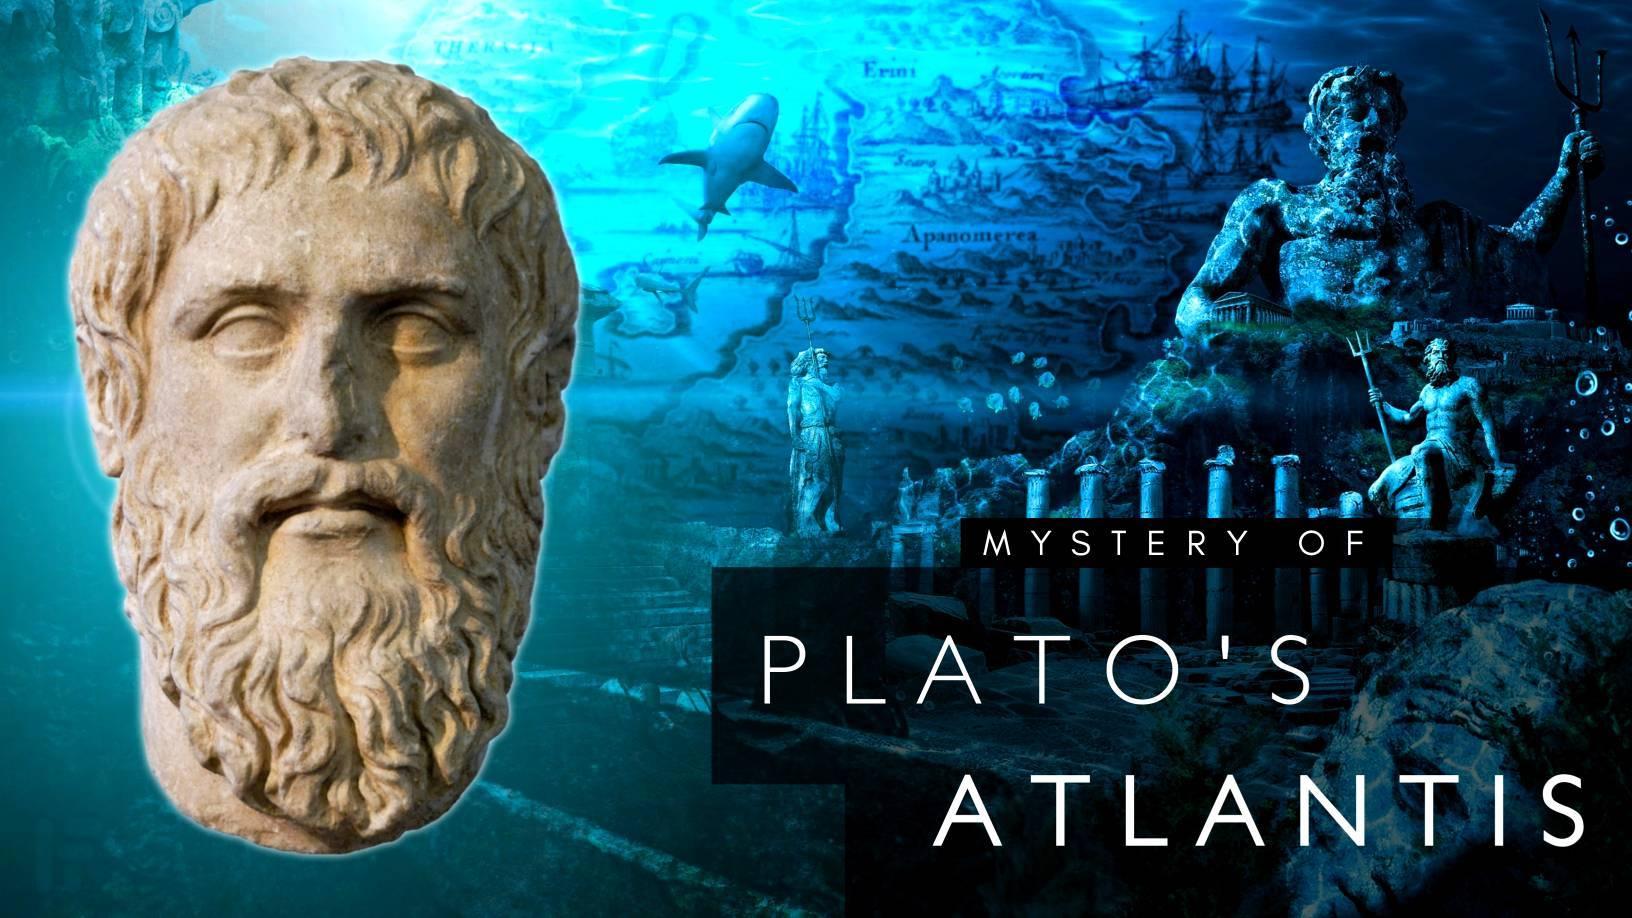 Plato's Atlantis